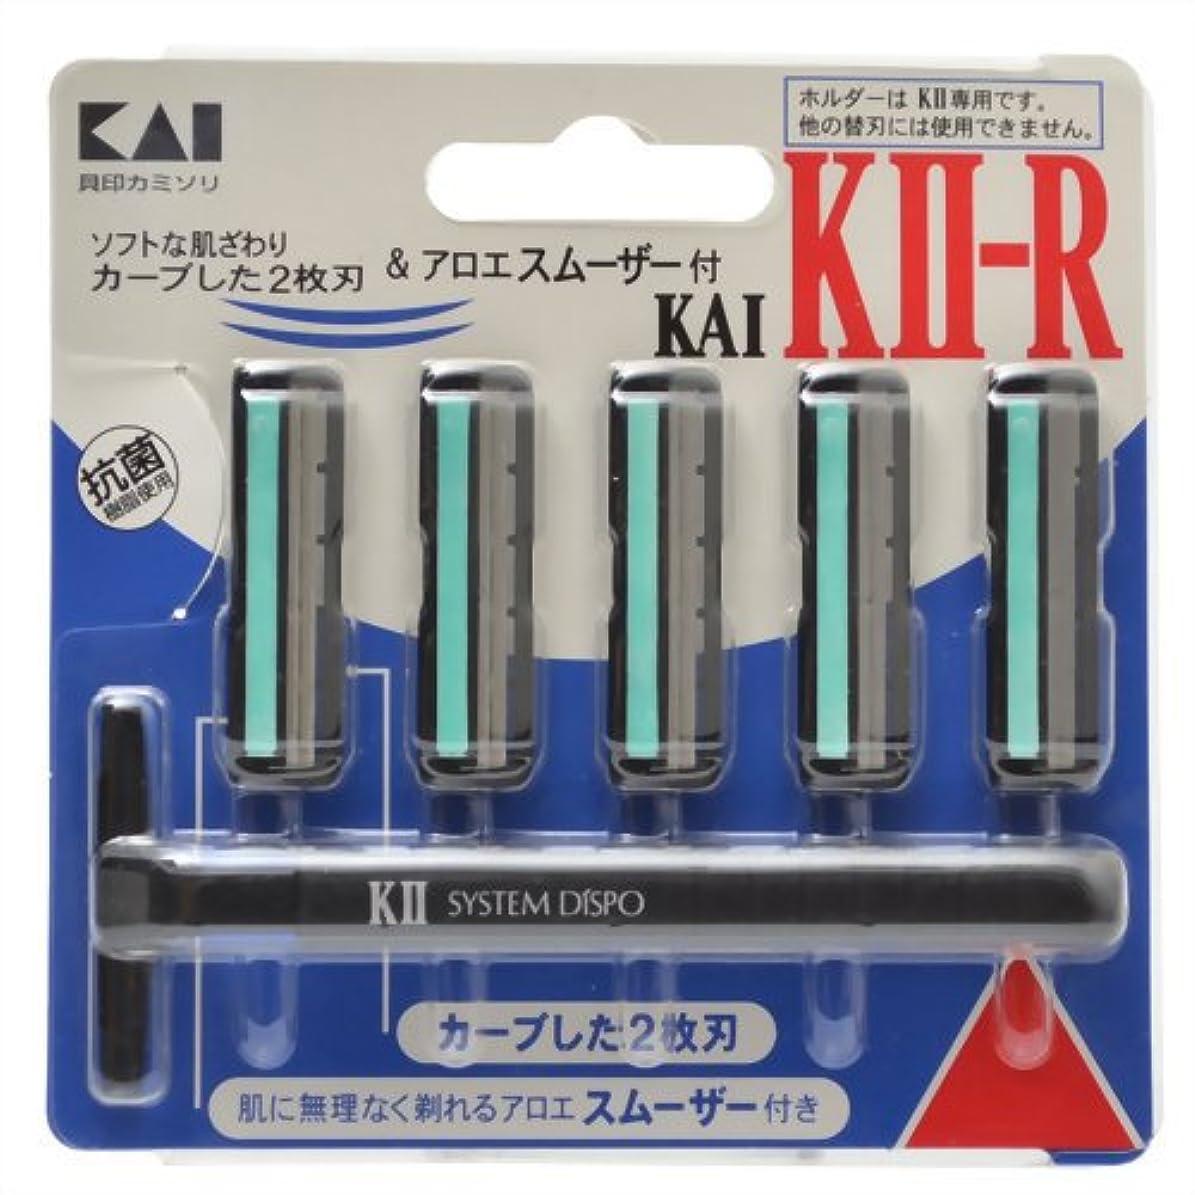 教義今日今日貝印 KAI KII-R ひげそり用カミソリ アロエスムーザー付